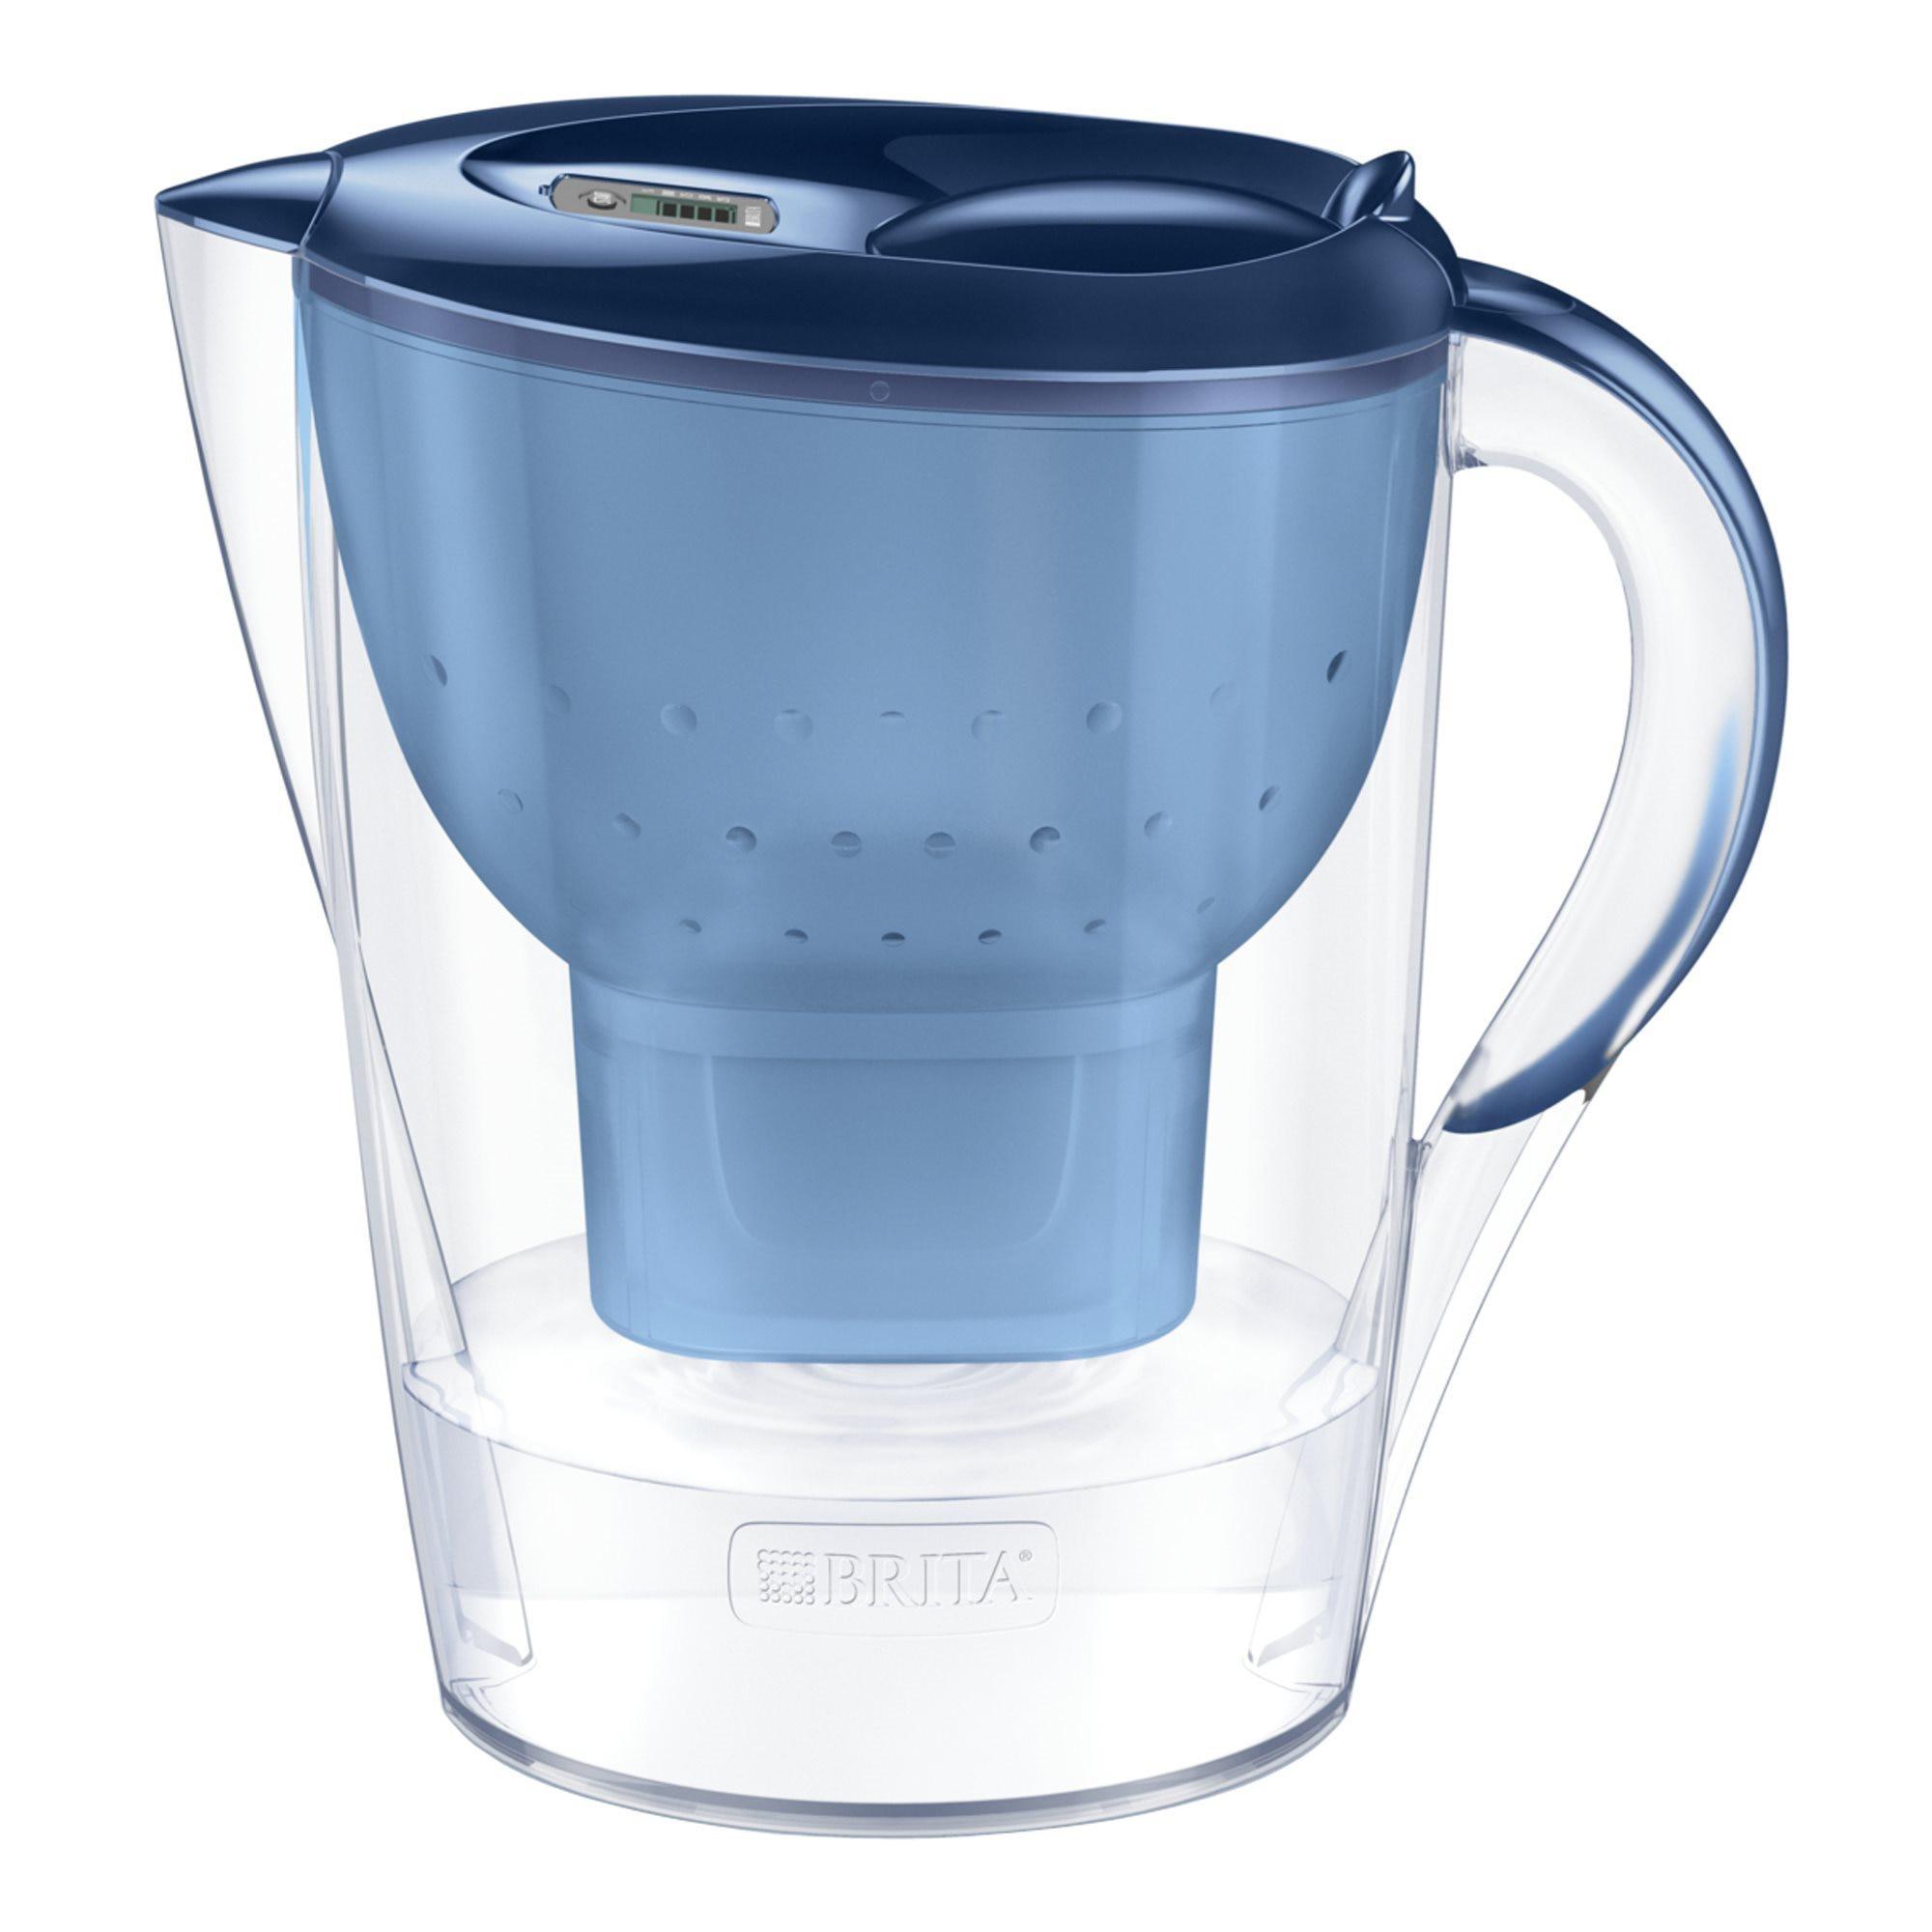 Fotografie Cana filtranta Marella XL 3.5 L cu 2 cartuse MAXTRA+, albastra